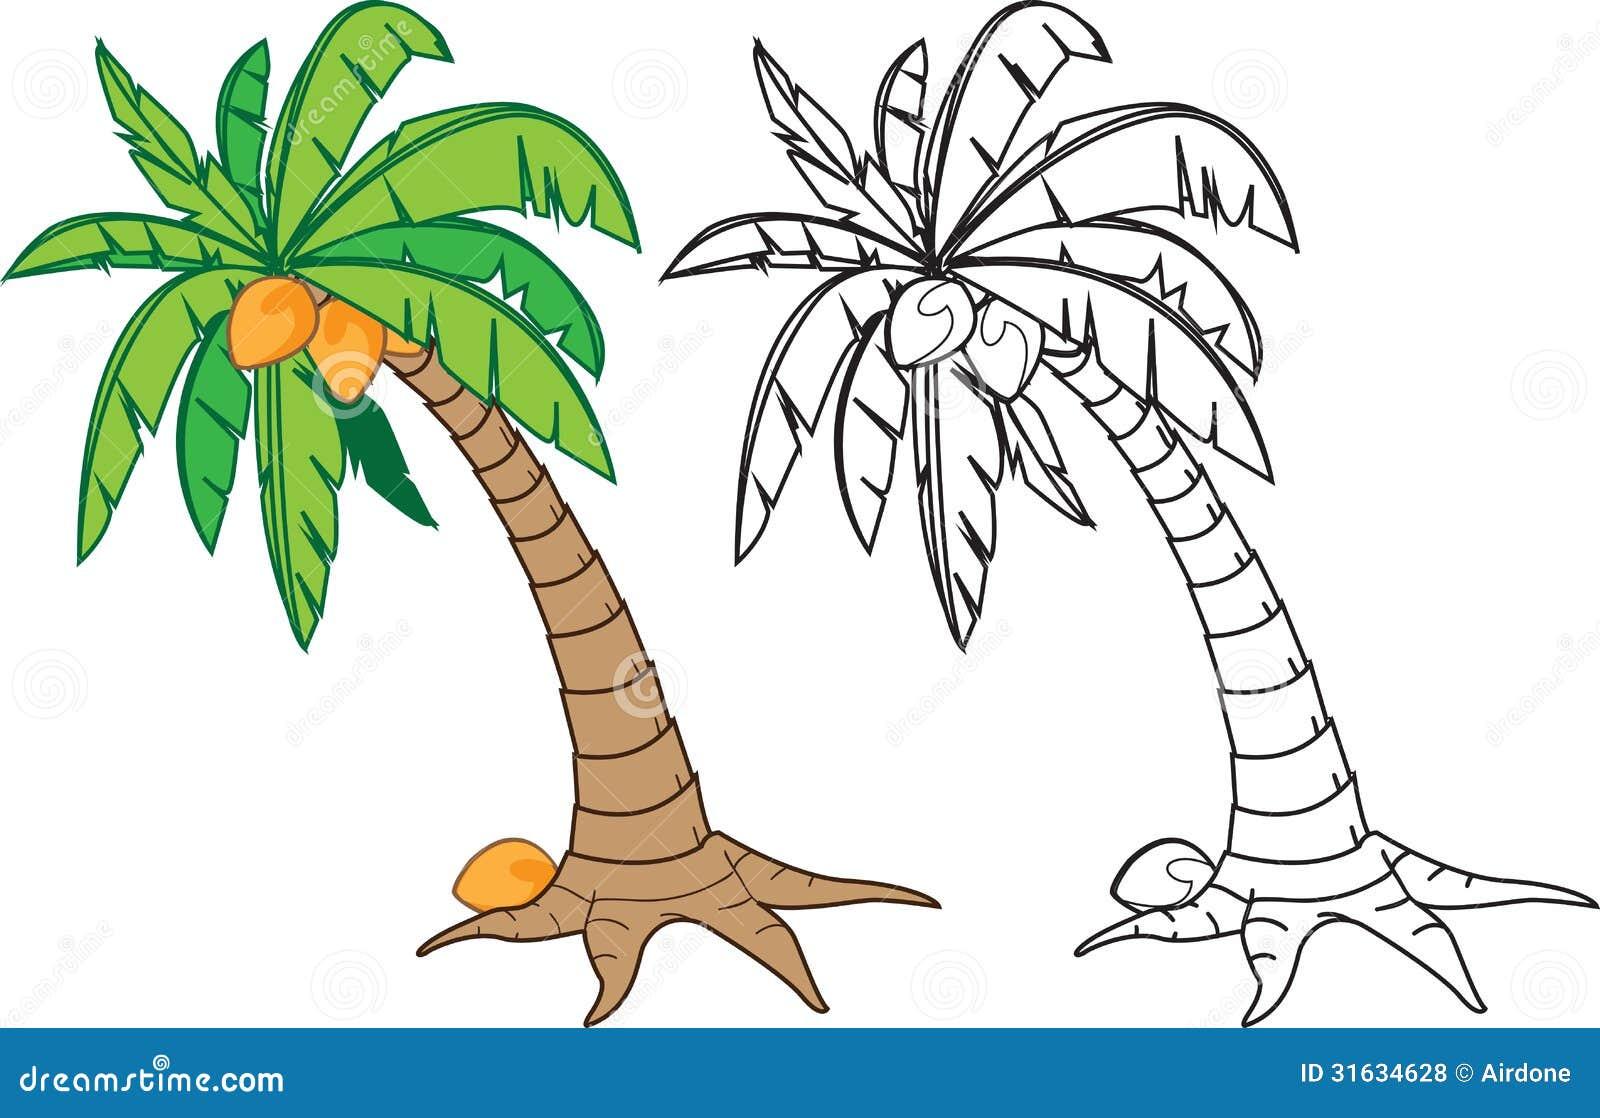 Árbol de coco ilustración del vector. Ilustración de tronco - 31634628